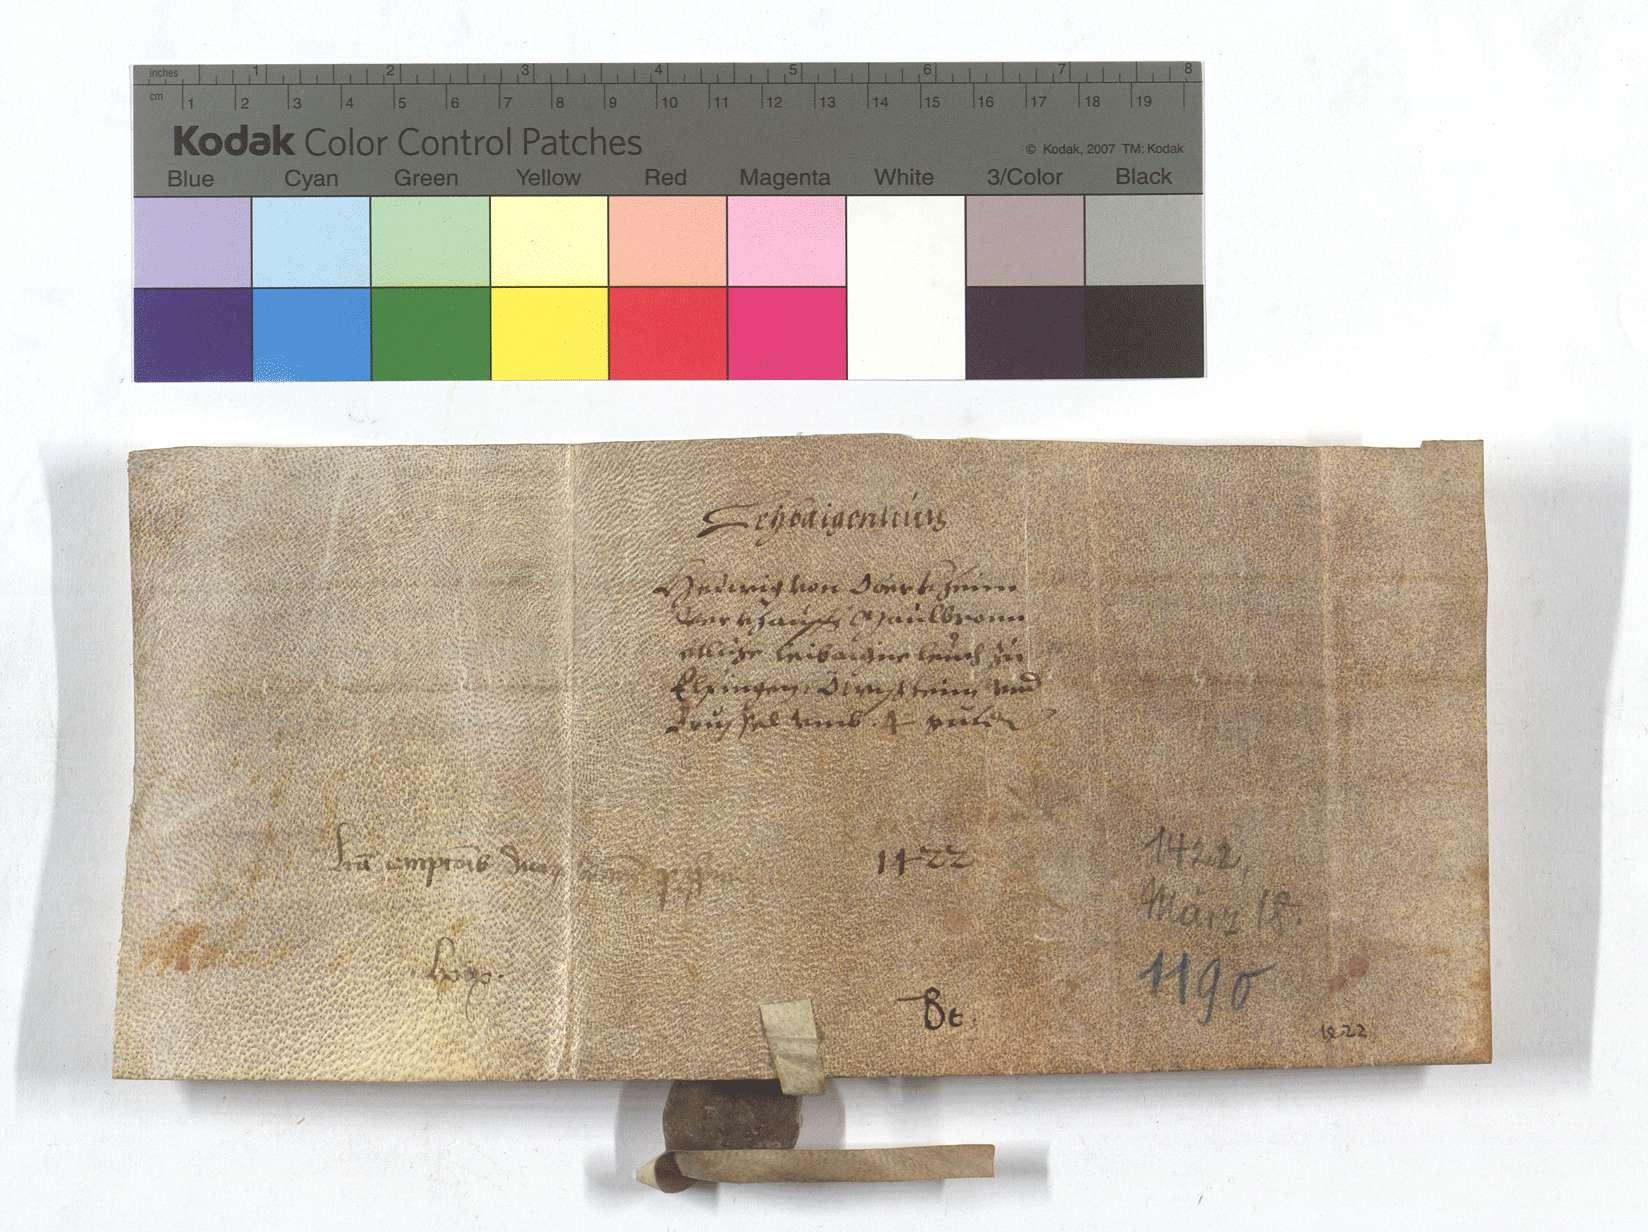 Fertigung der Hedwig von Obrigheim (Öberkein) um ihre Leibeigenen in Flehingen, Unteröwisheim (Öwisheim) und Bruchsal., Rückseite